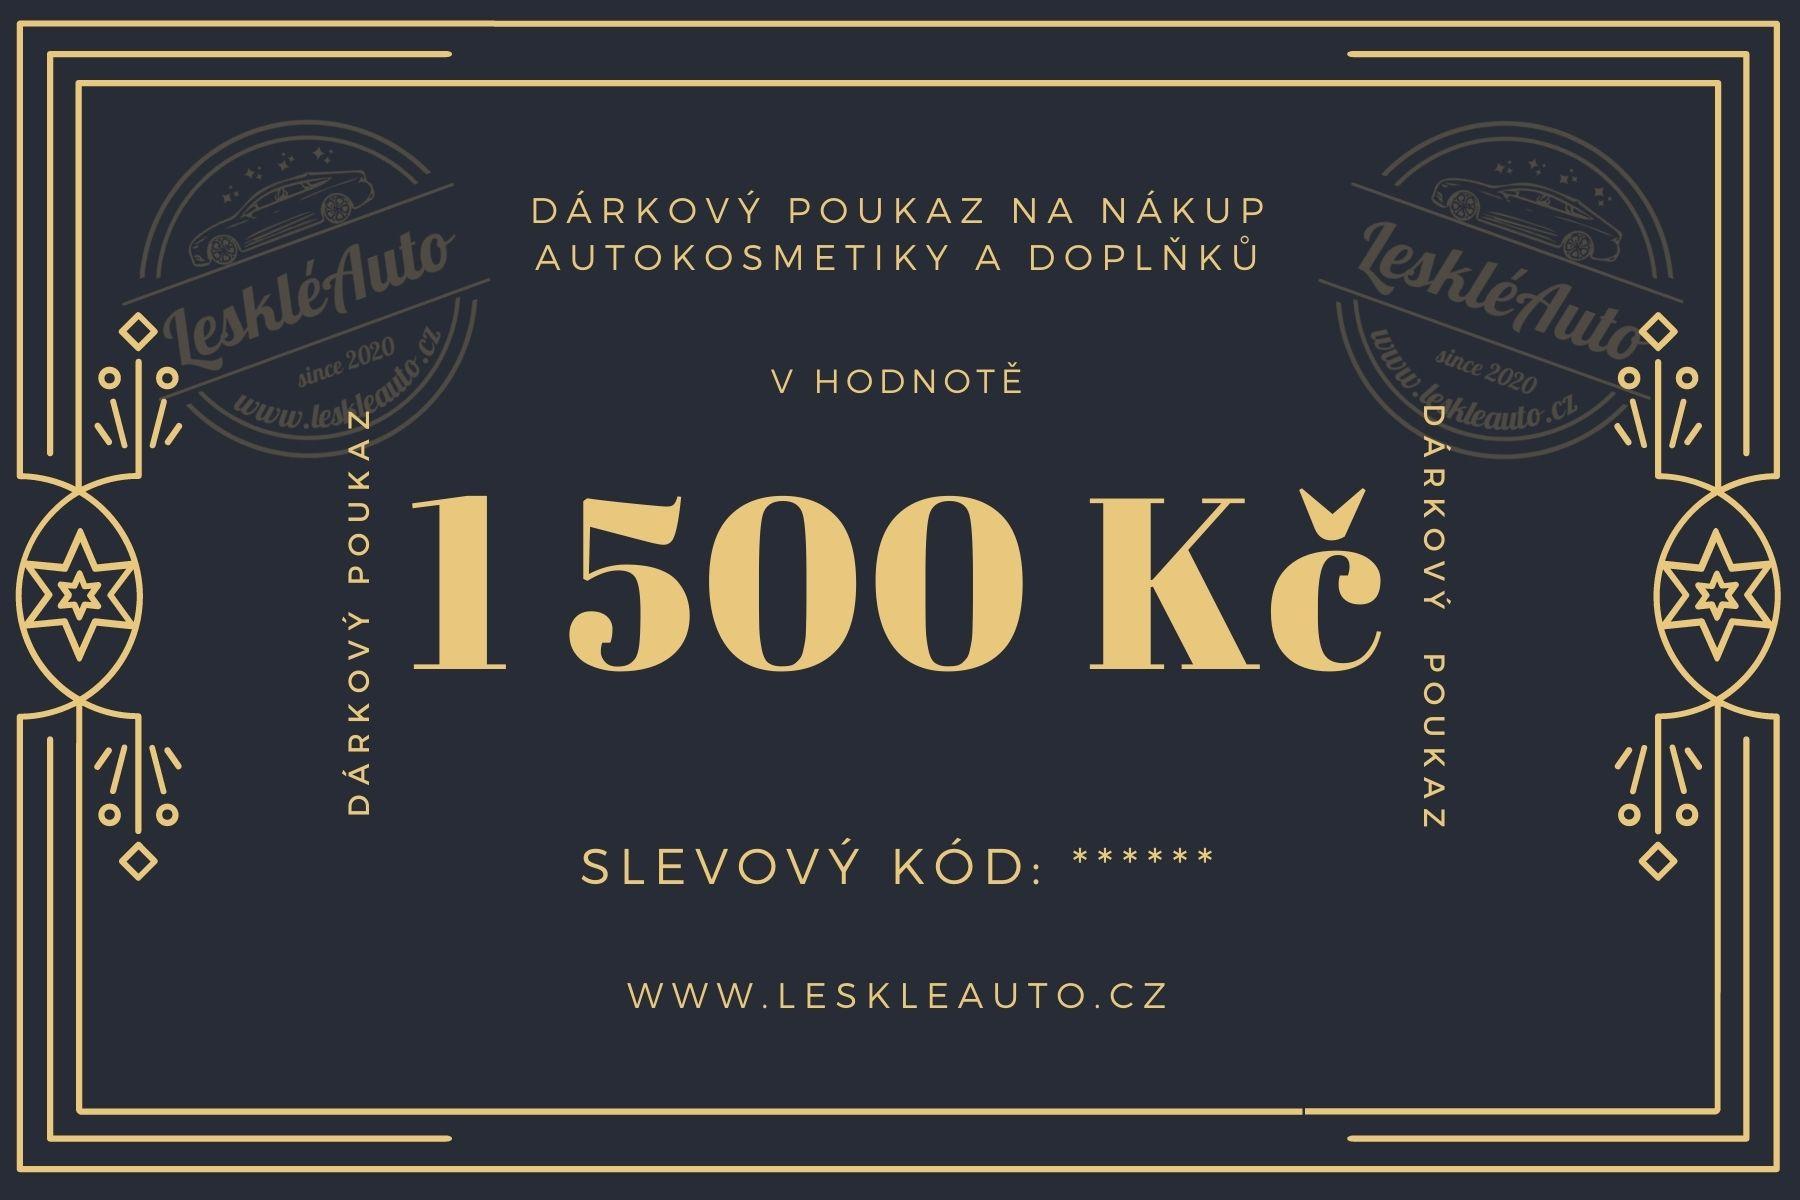 Dárkový poukaz v hodnotì 1500 Kè - zvìtšit obrázek